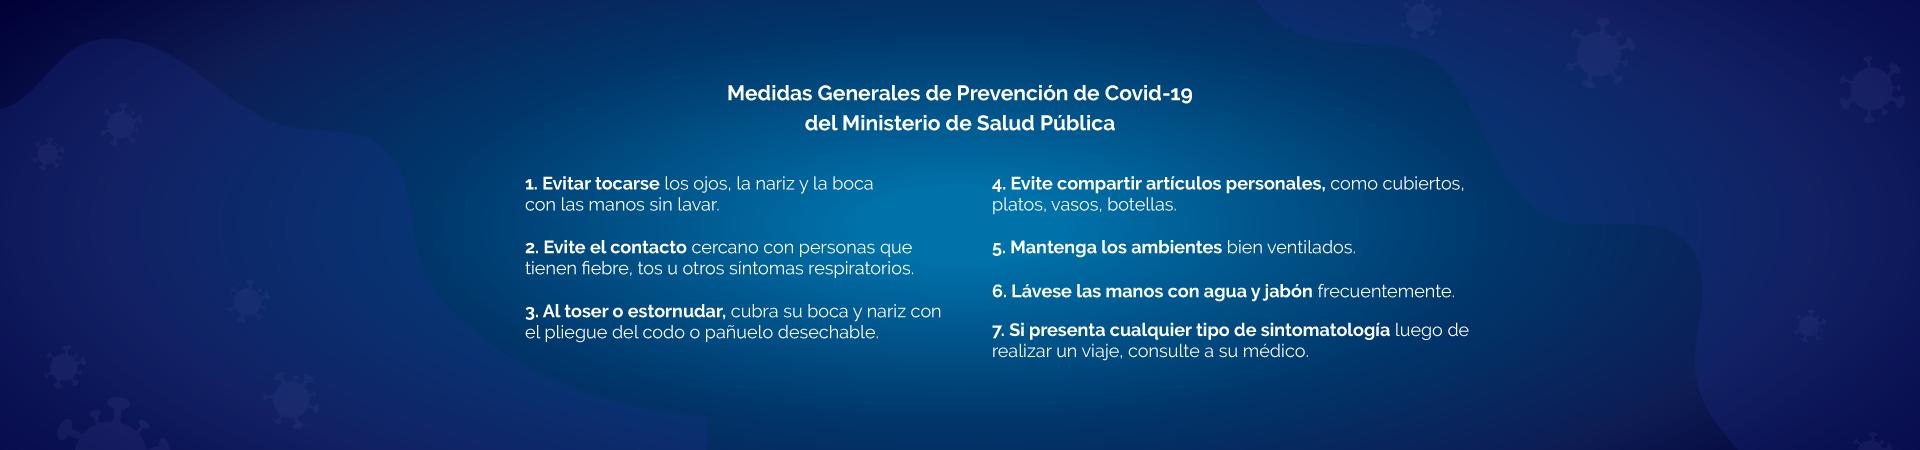 Medidas Preventivas 2